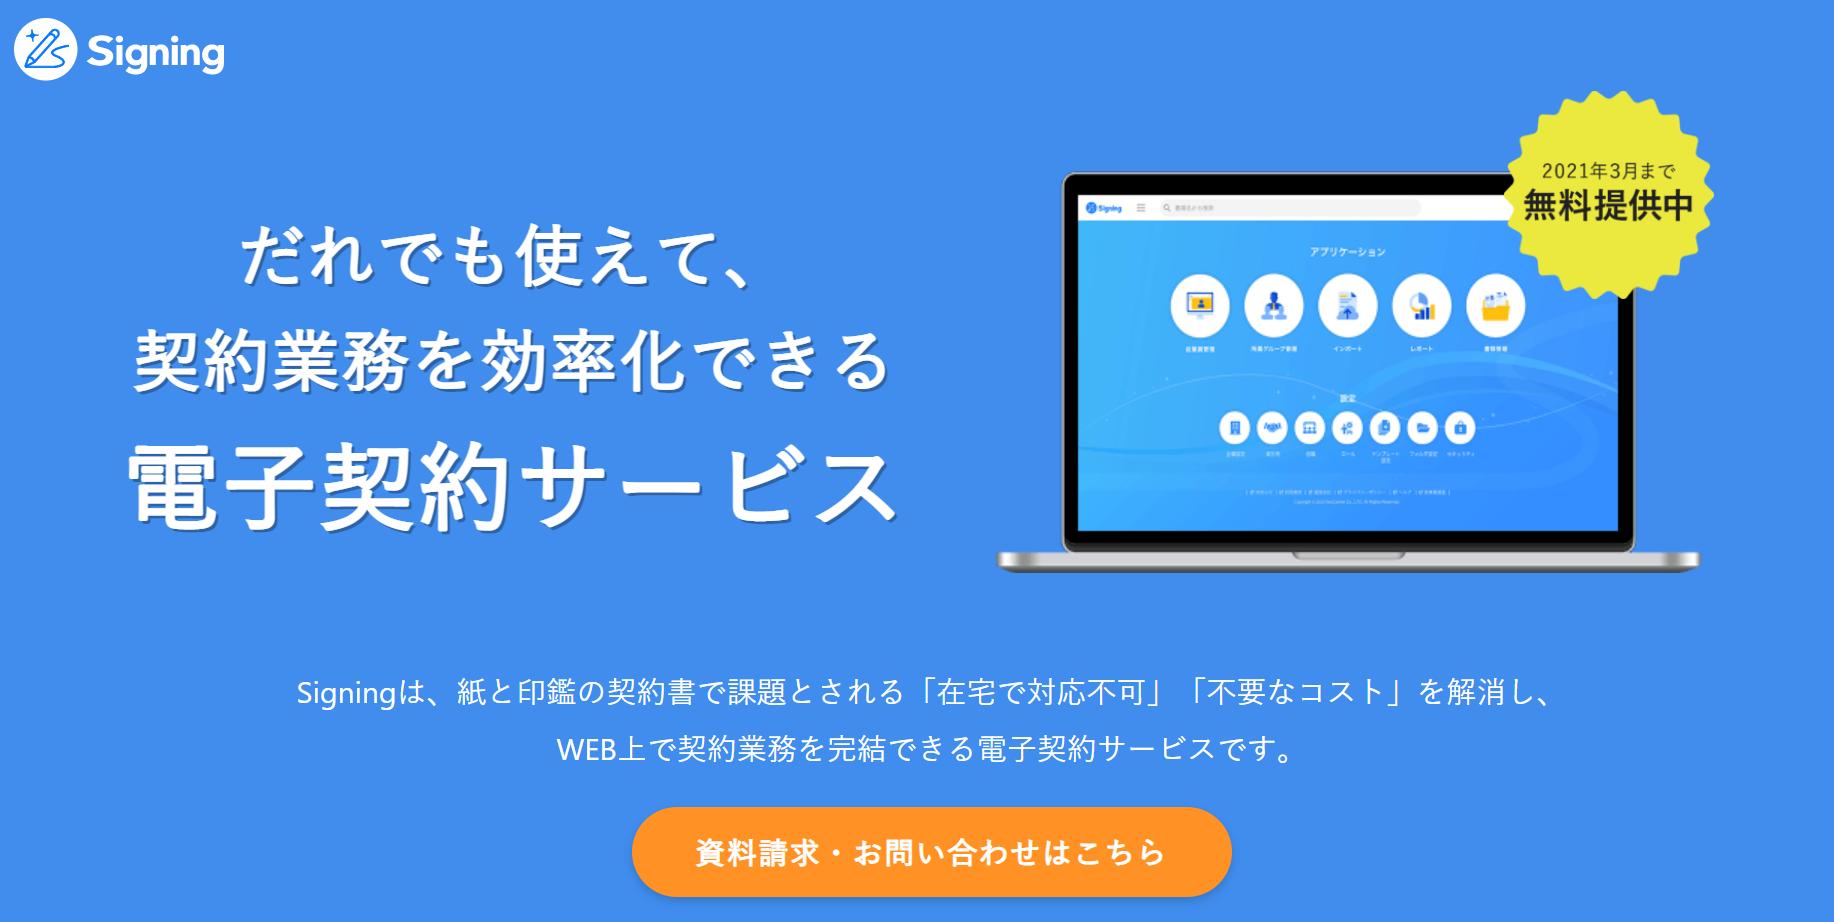 Signing公式Webサイト